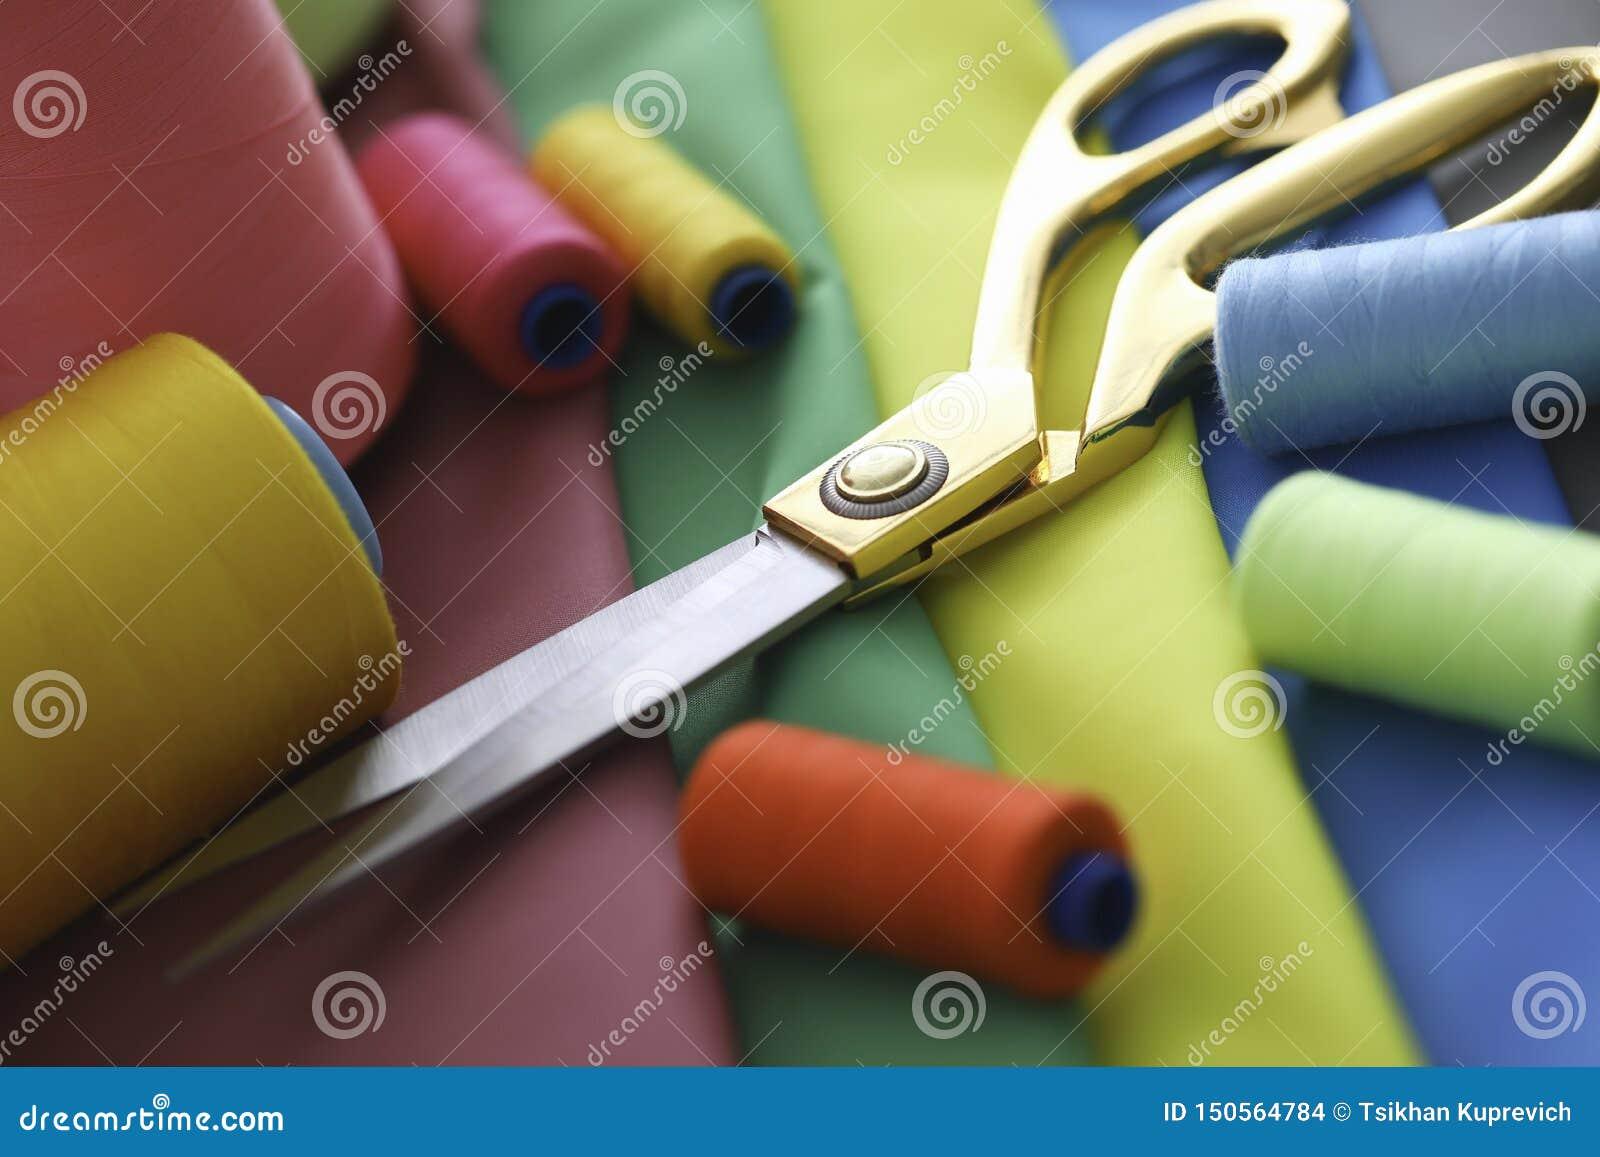 De stof van de schaardraad het naaien ligt op lijstzaken